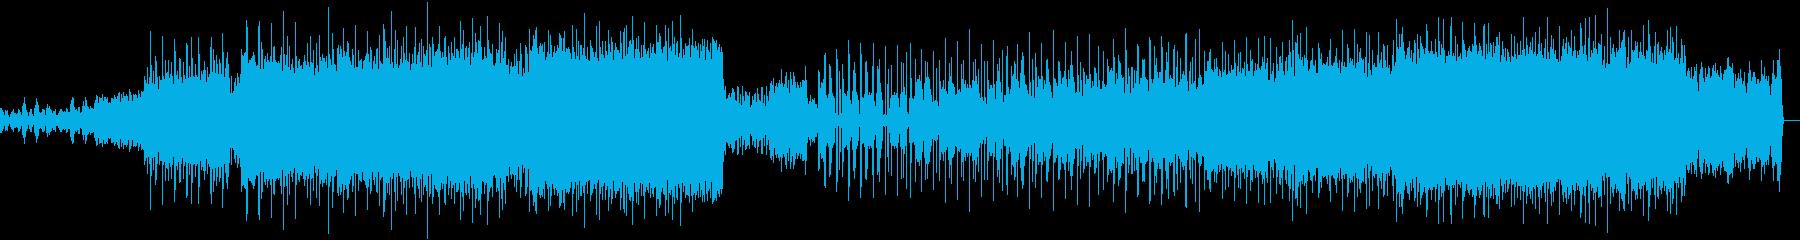 バトルシーンや緊迫したシーンのBGMの再生済みの波形